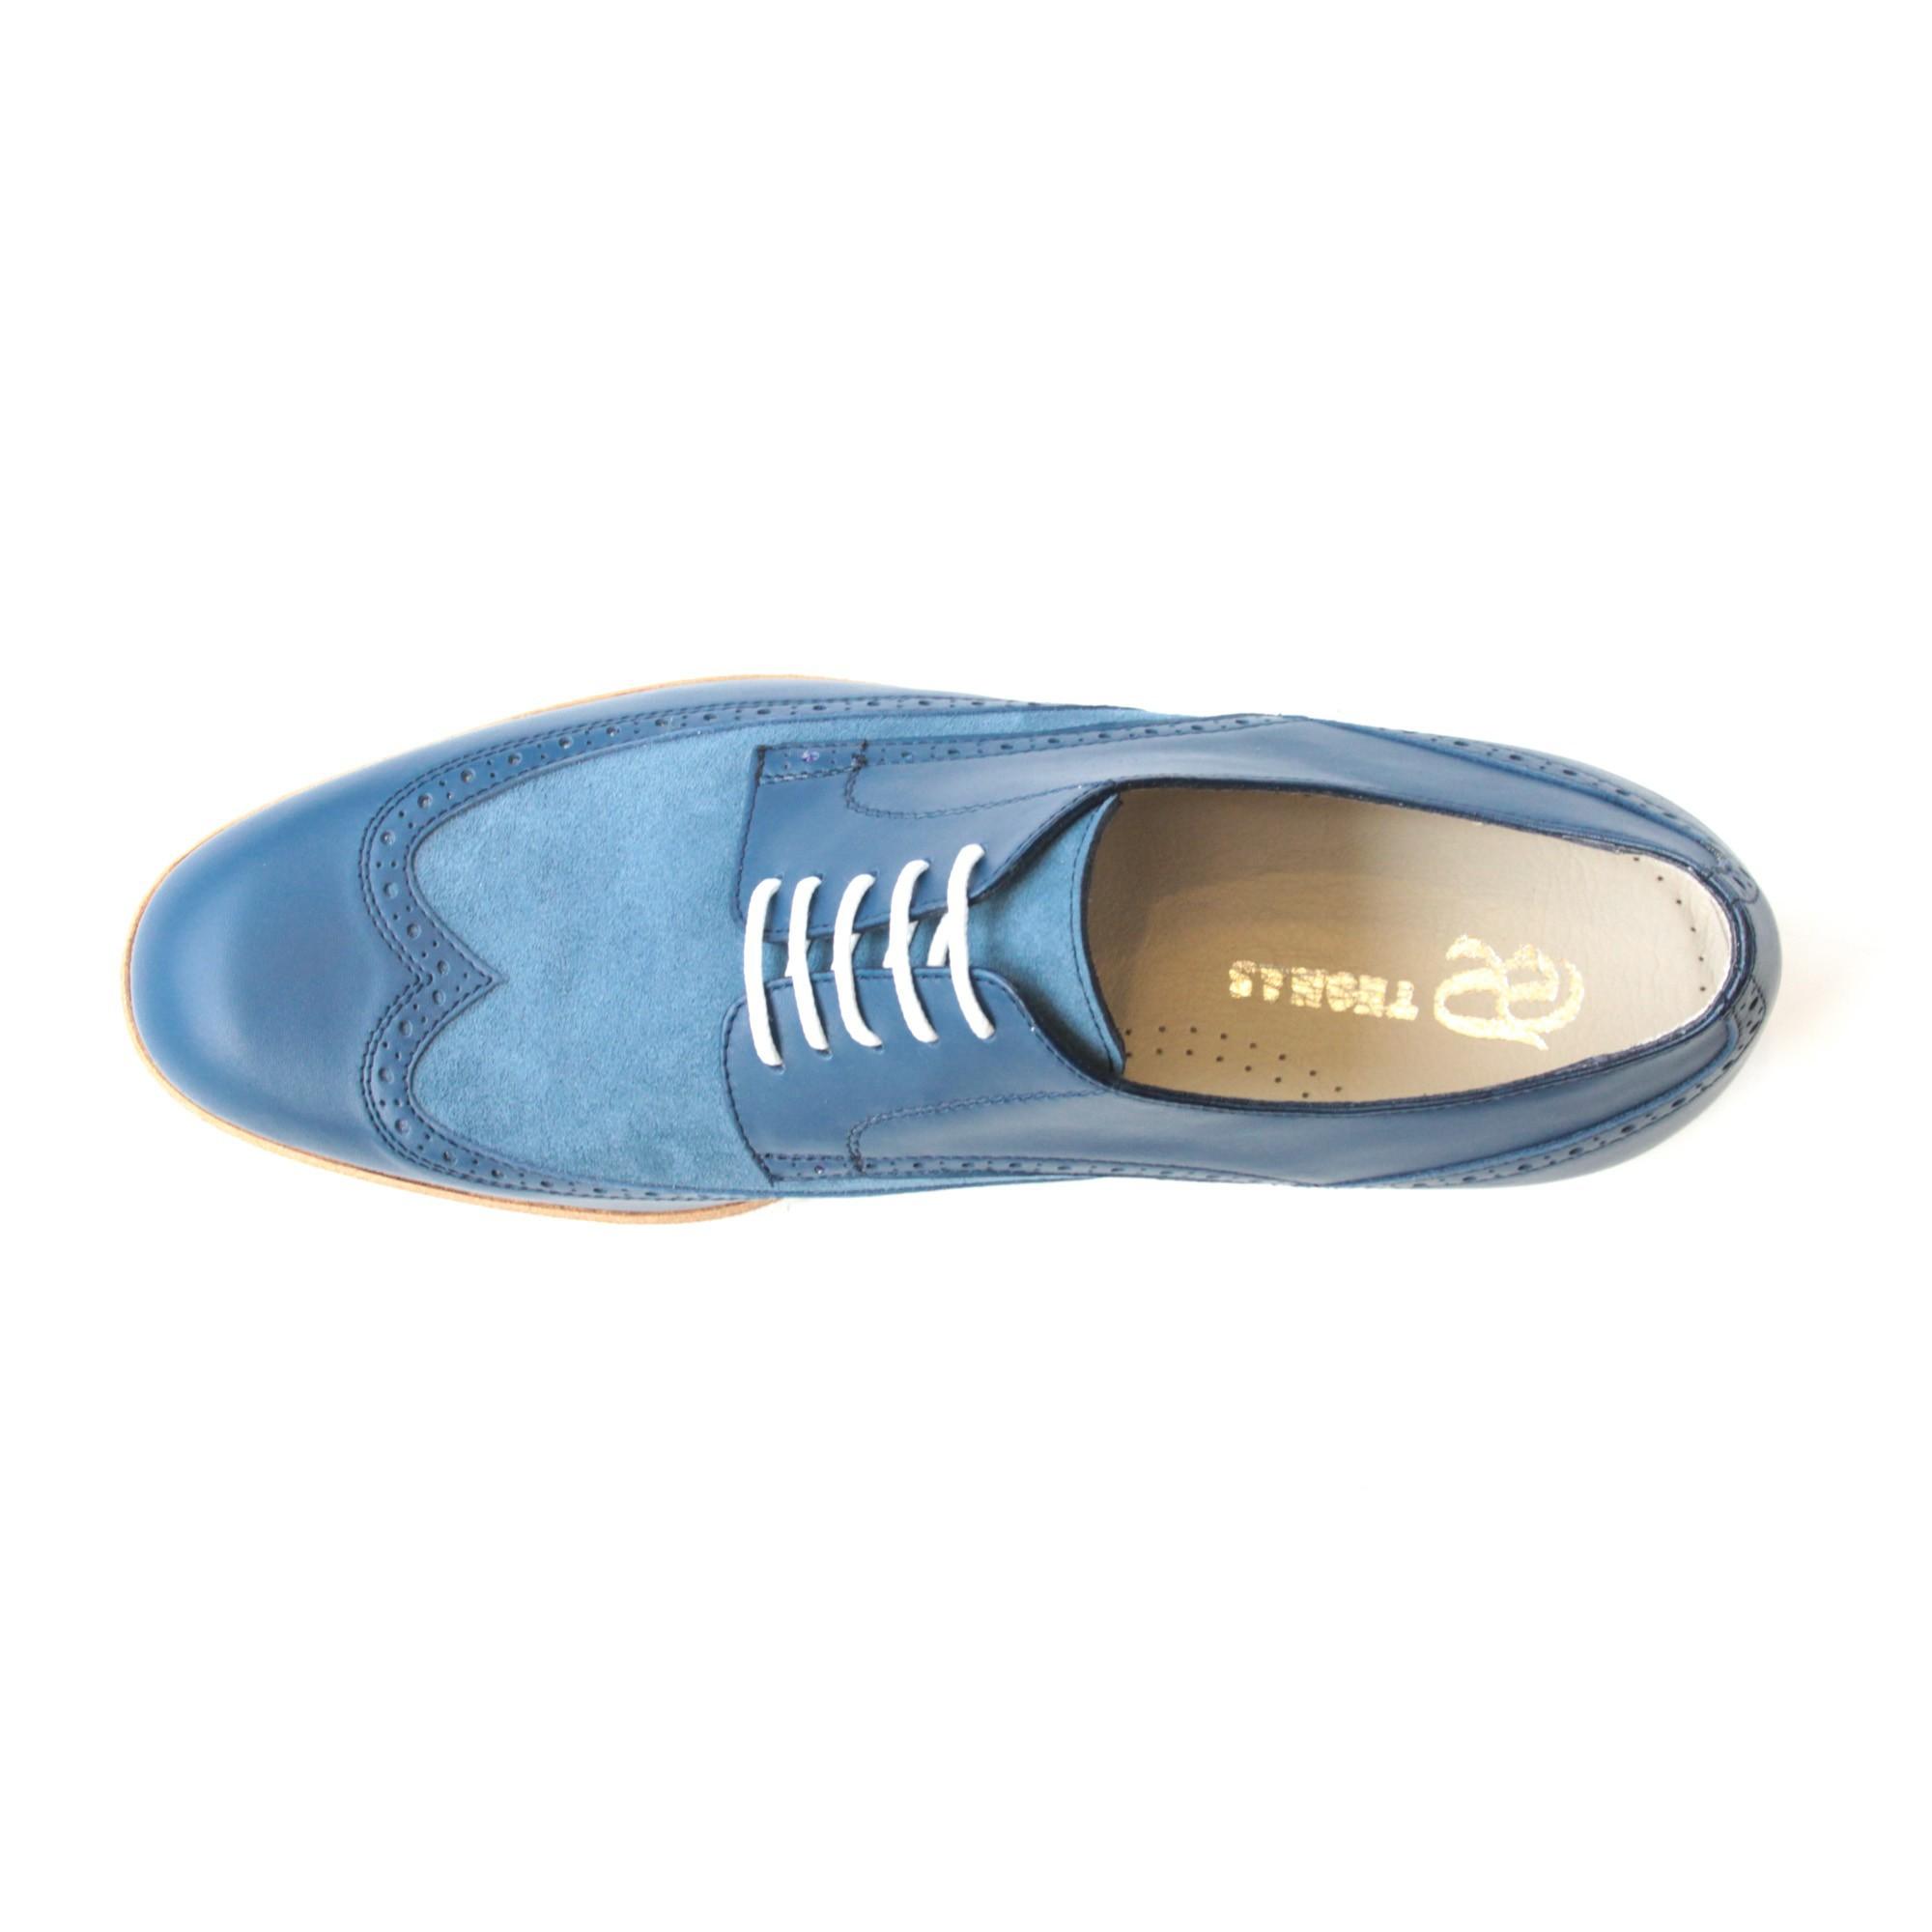 d8fc61e82a915 Scarpe blu con lacci